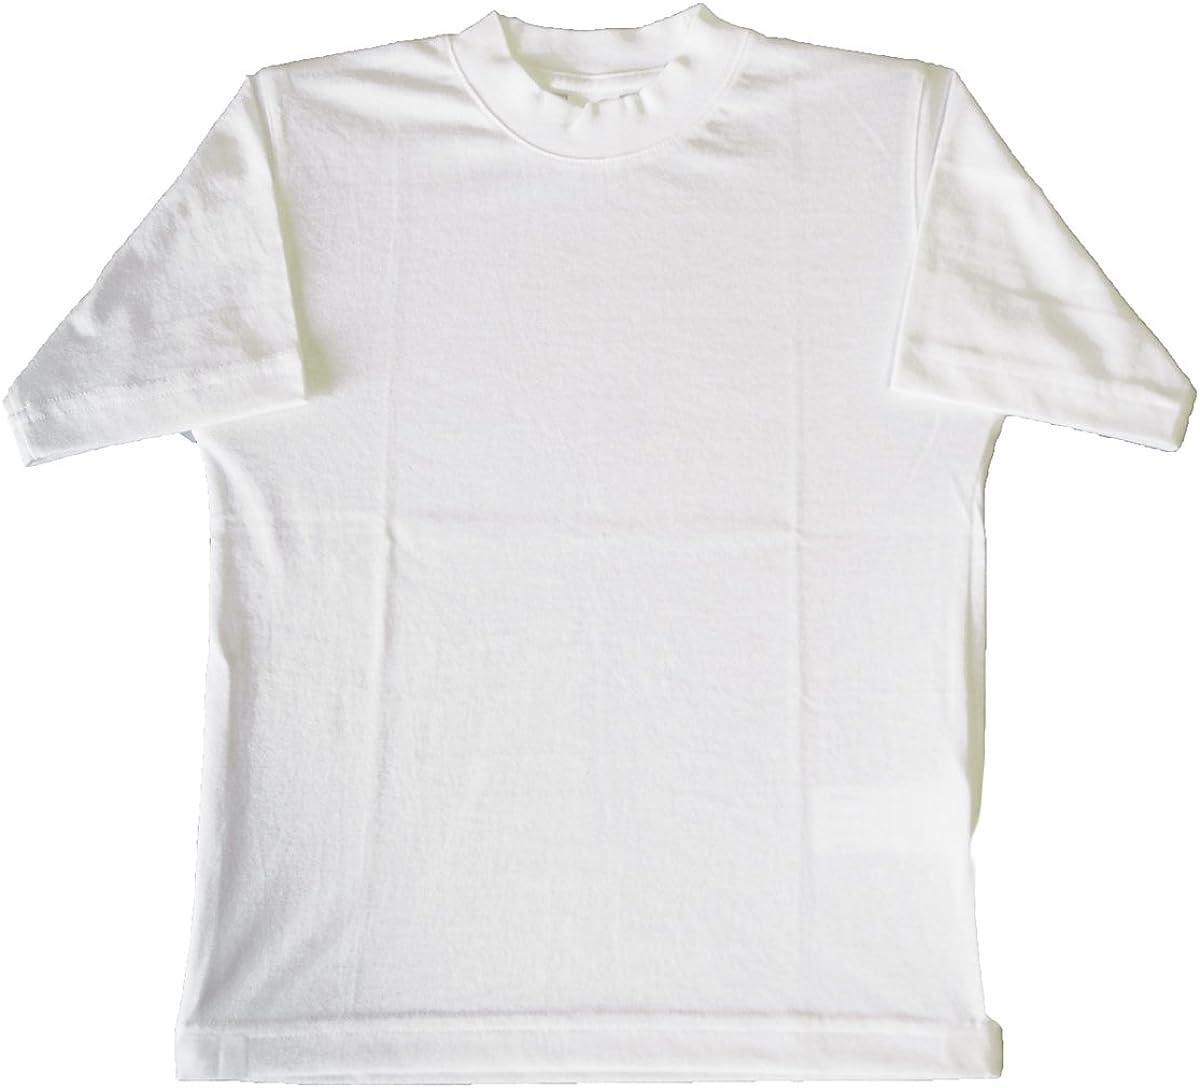 Camiseta Blanca básica niños: Amazon.es: Ropa y accesorios